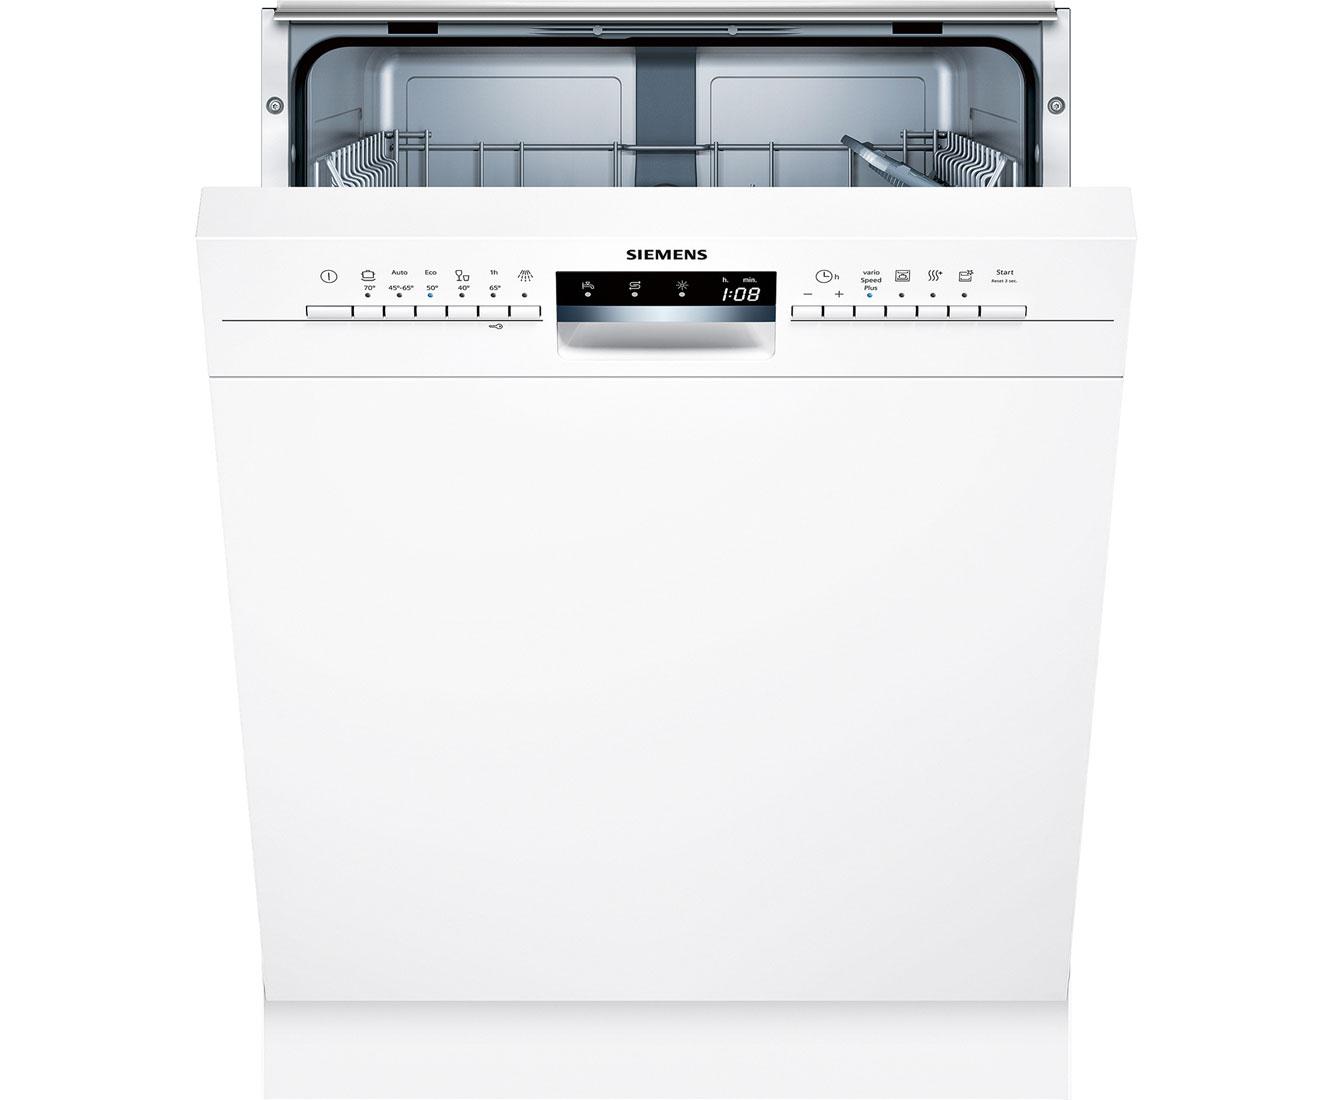 Siemens iQ300 SN336W01GE Geschirrspüler 60 cm - Weiss   Küche und Esszimmer > Küchenelektrogeräte > Gefrierschränke   Weiss   Siemens